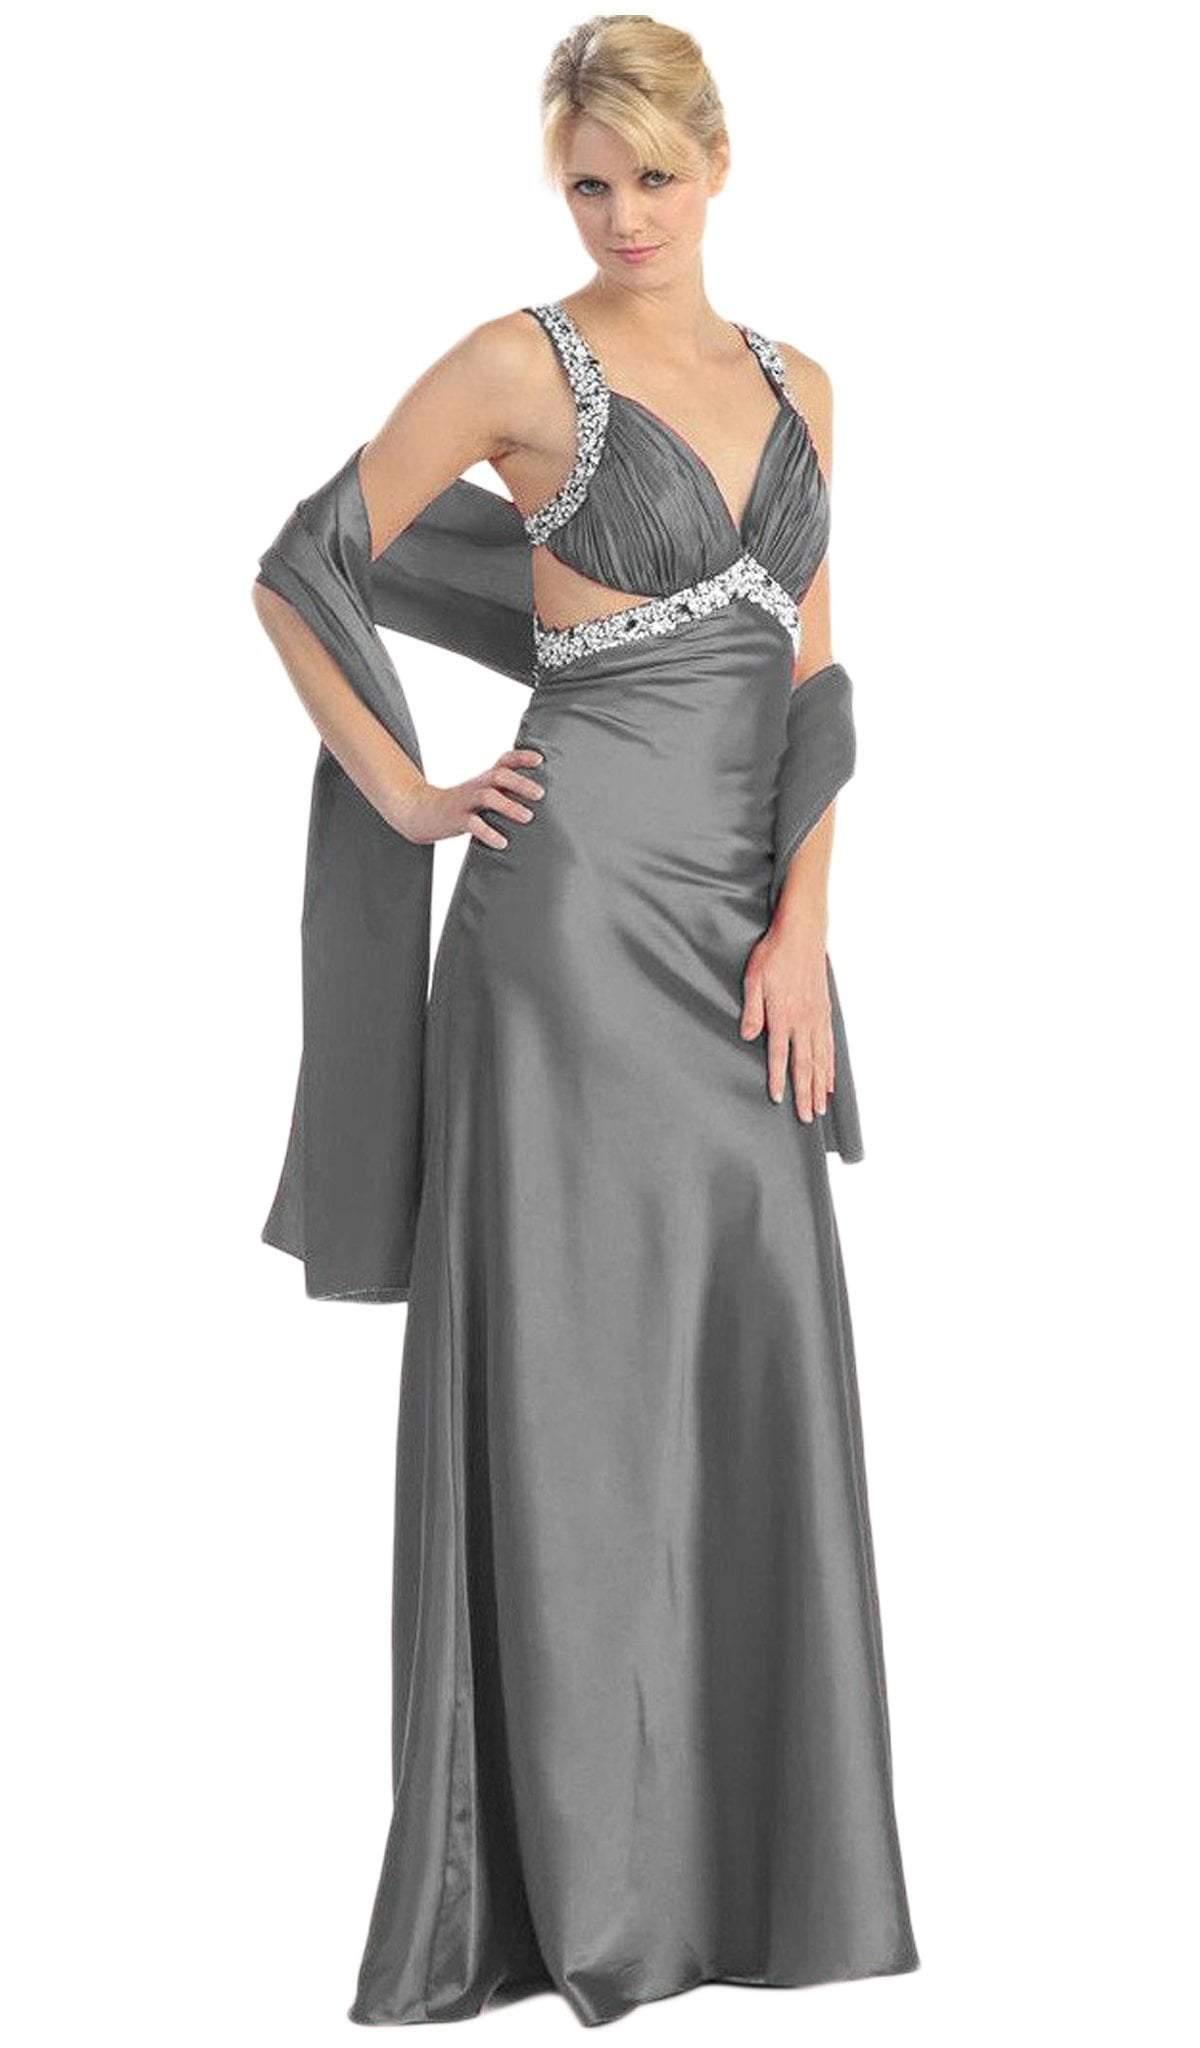 Eureka Fashion - 2120 Jeweled Ruche-Ornate Cutout Long Gown